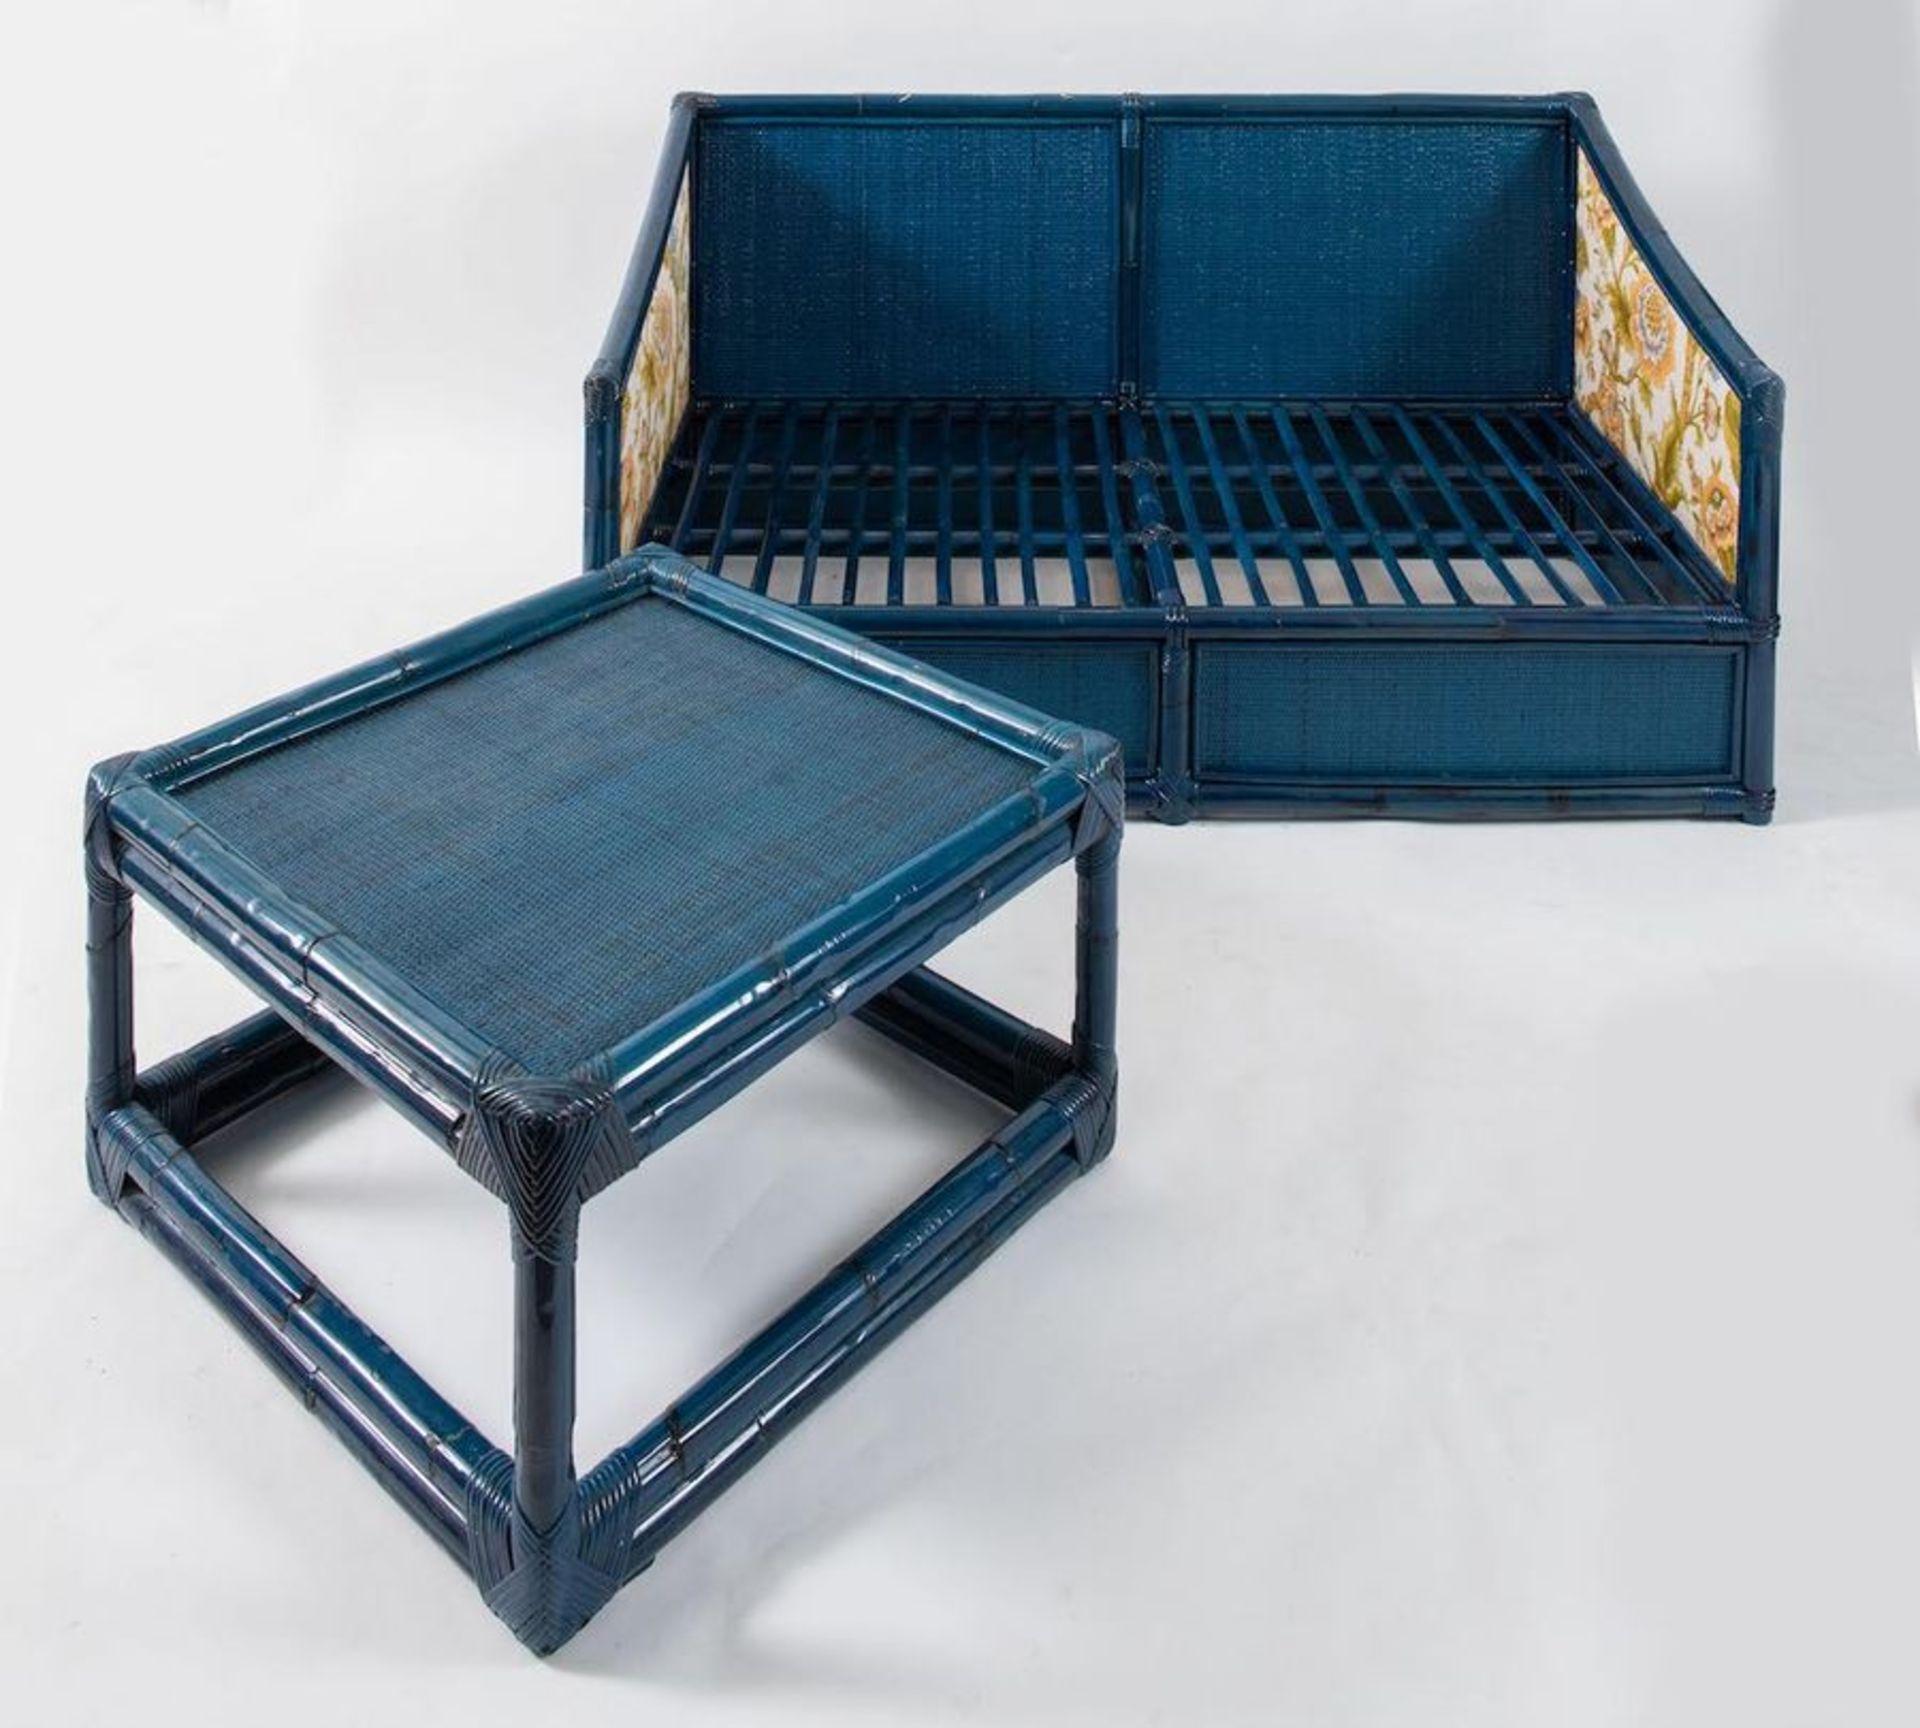 VIVAI DEL SUD Divano a due posti con tavolino da caffè. Prod. Vivai del Sud, Italia, 1970 ca. Divano